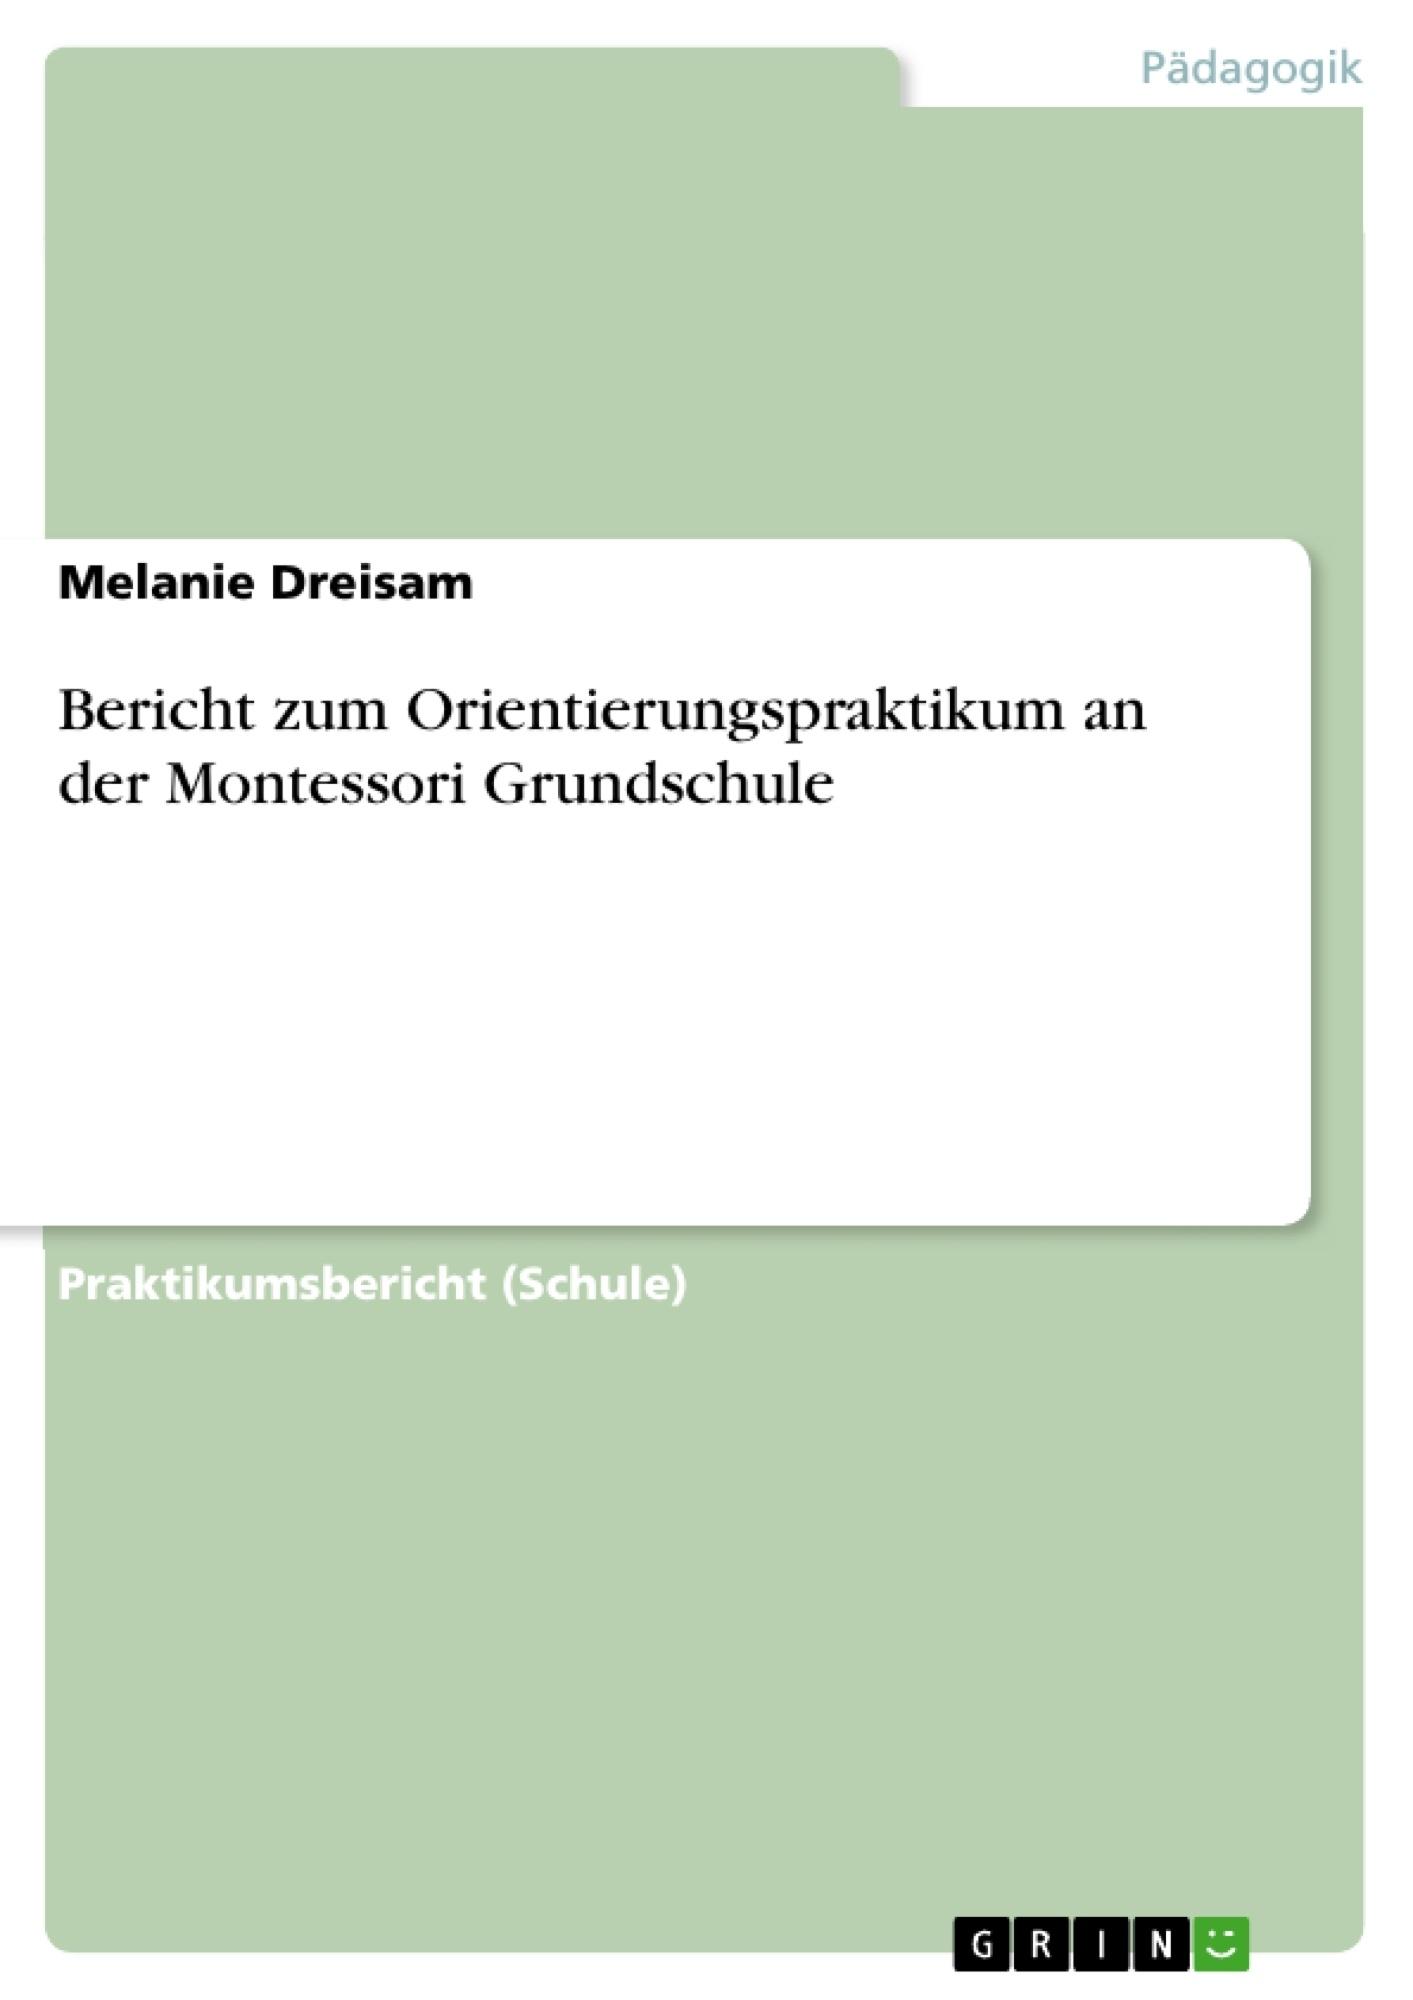 Titel: Bericht zum Orientierungspraktikum an der Montessori Grundschule